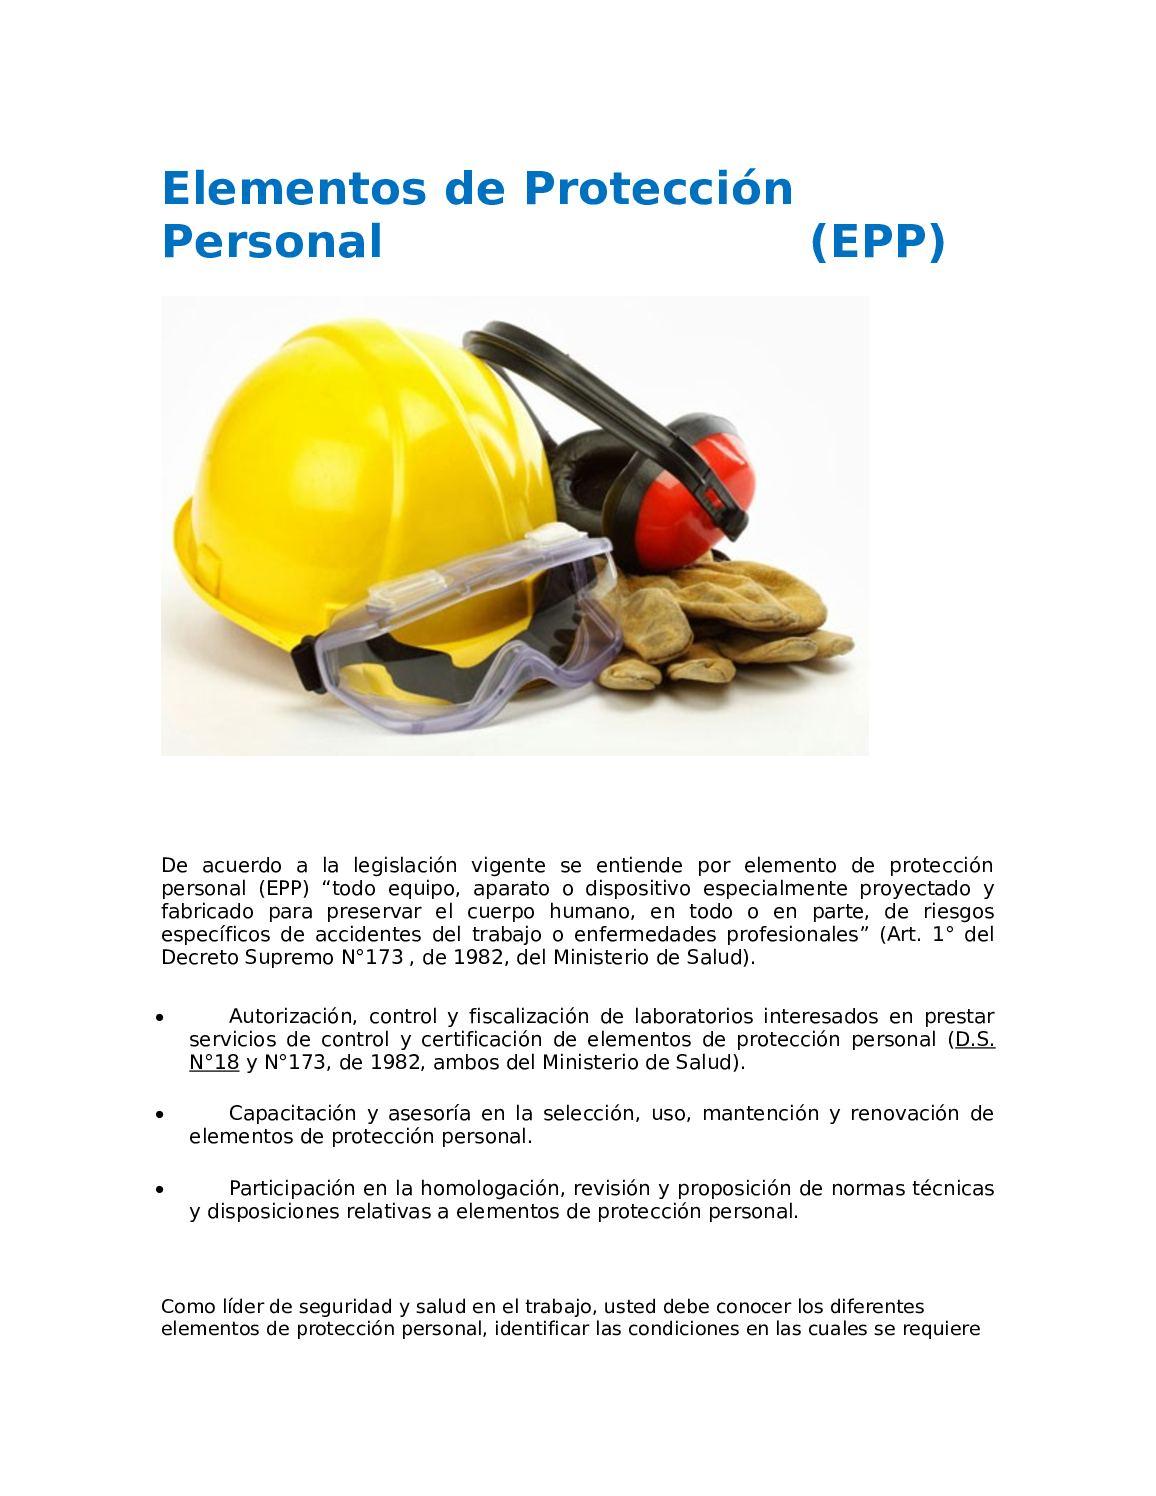 cuales son los elementos de proteccion personal en salud